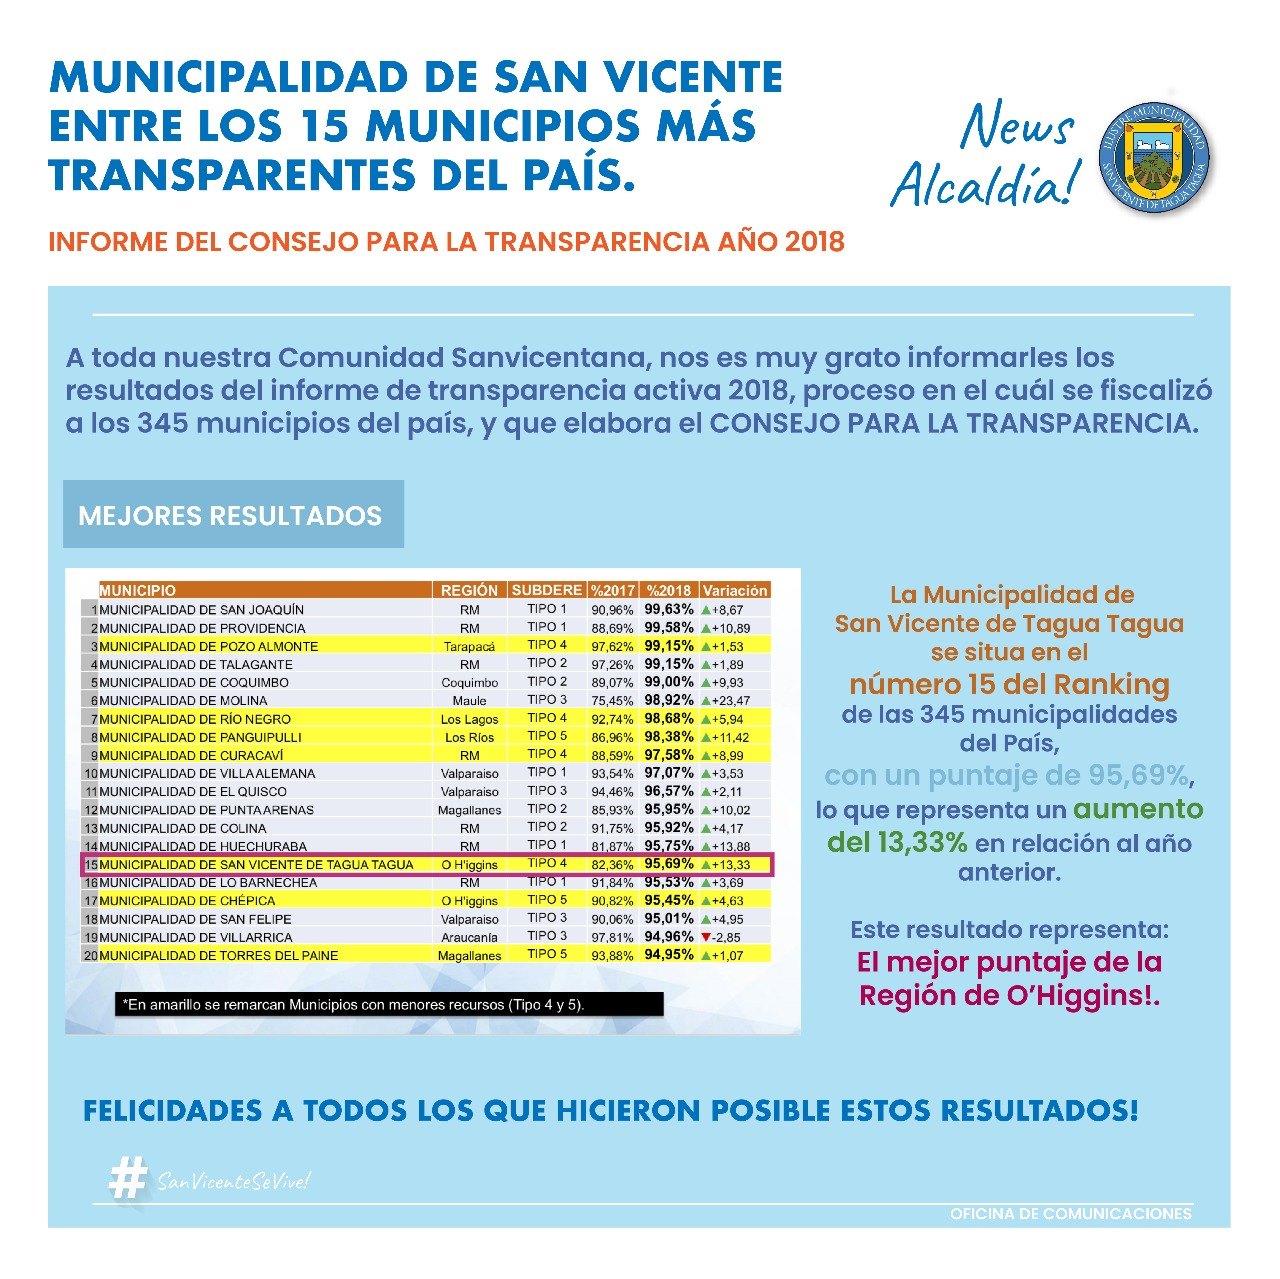 Nuestra Municipalidad dentro de las 15 mas Transparentes del país